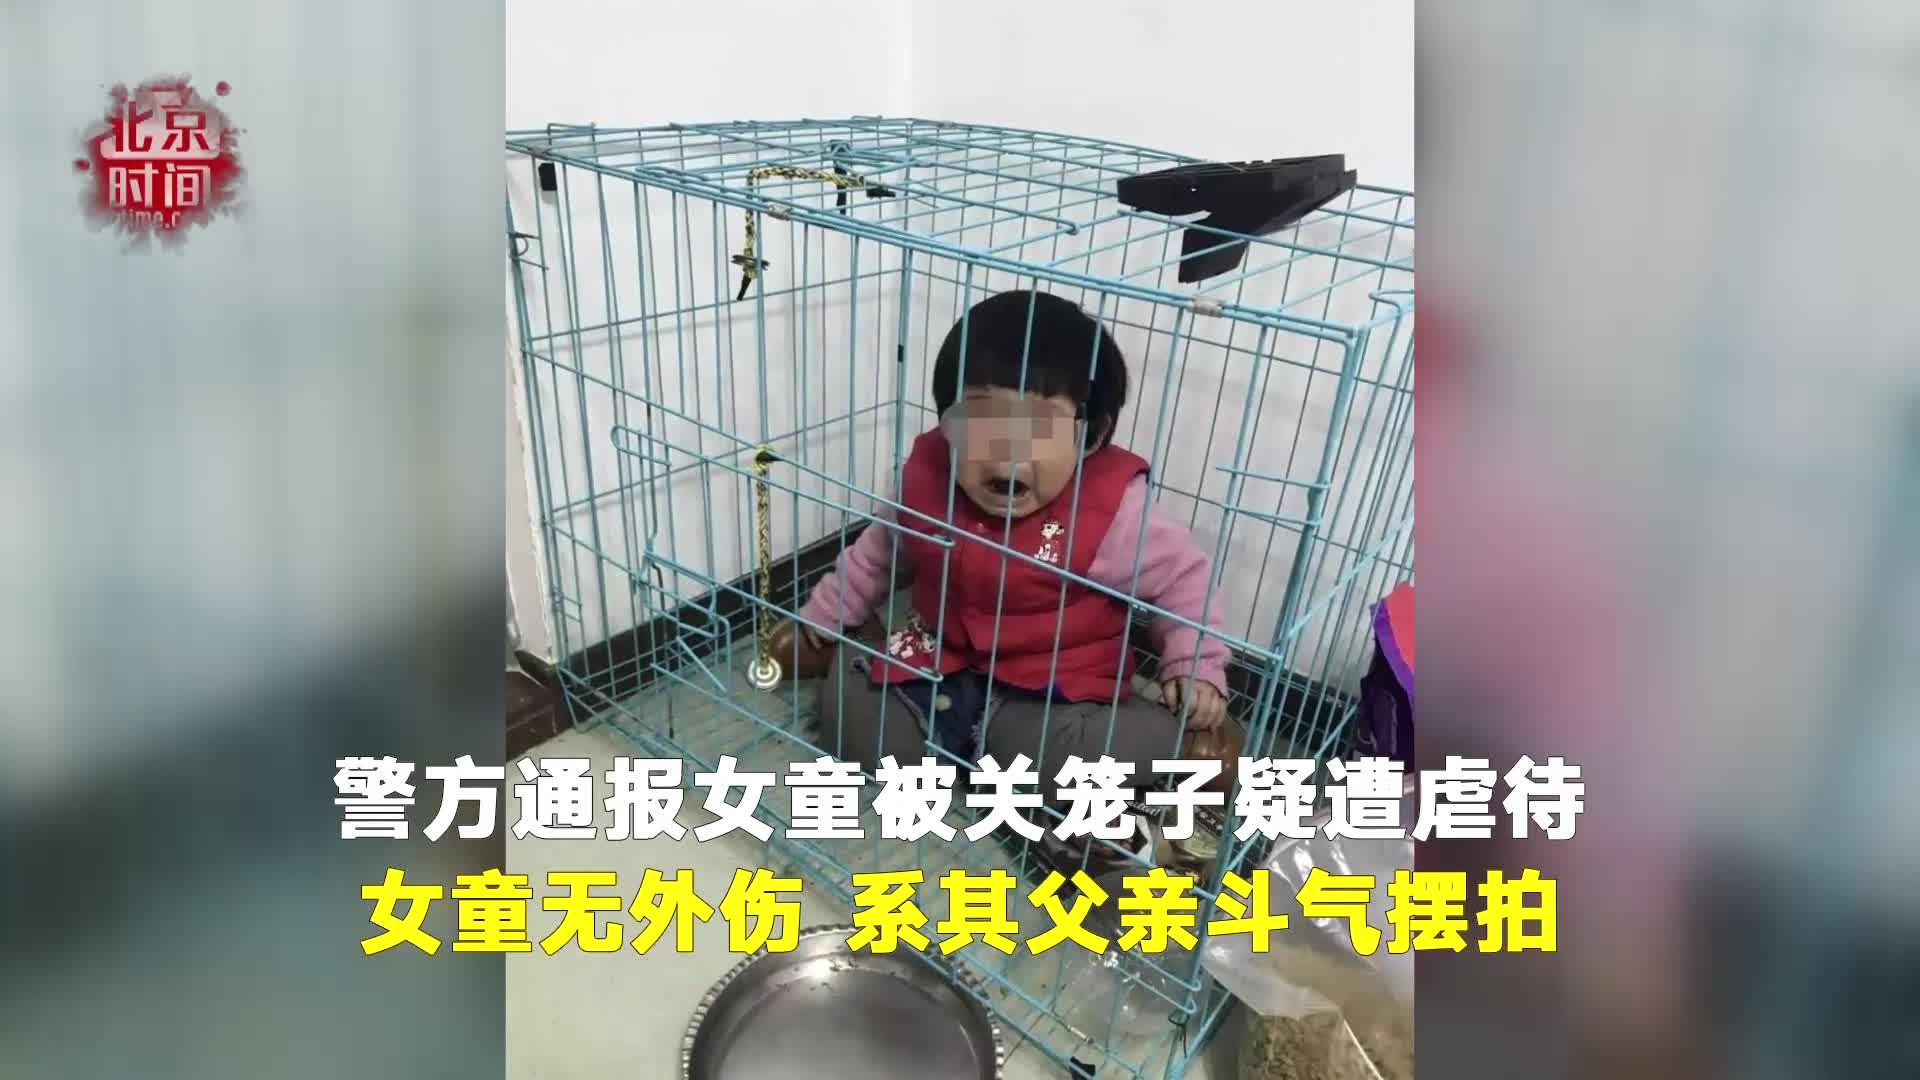 [视频]与前妻斗气摆拍 女童被关狗笼疑遭虐待